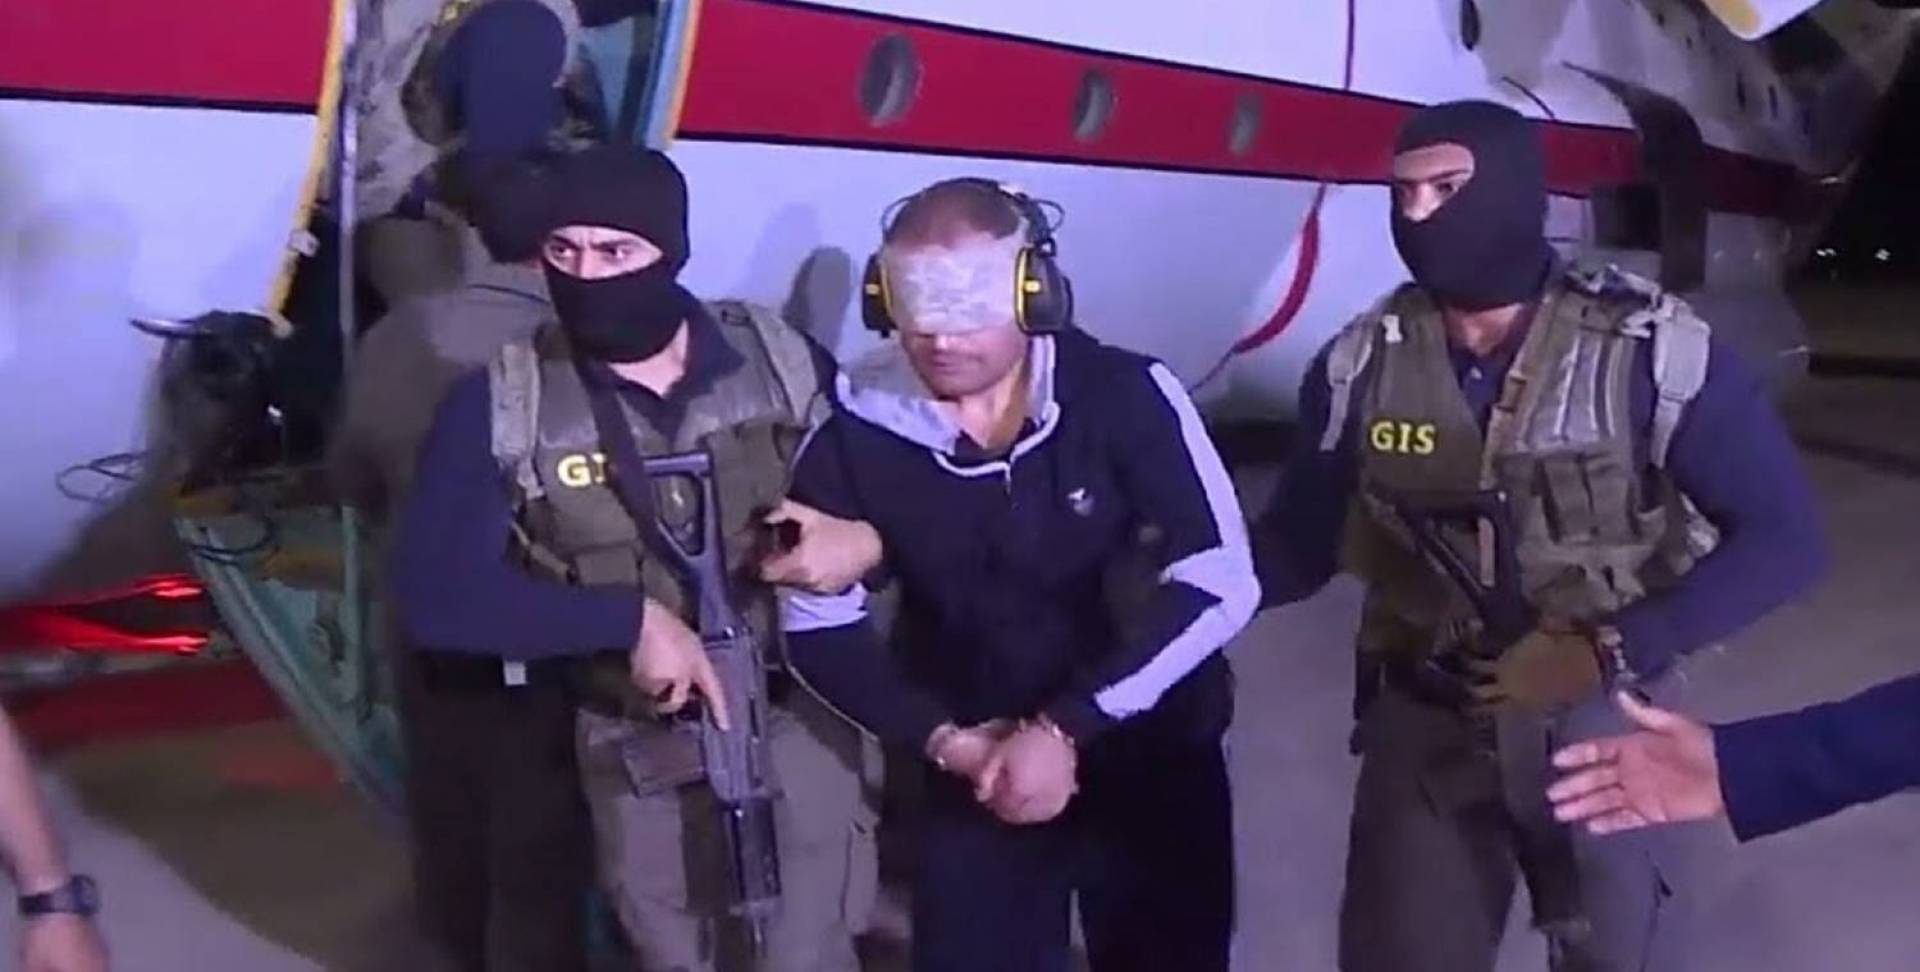 محكمة عسكرية مصرية تقضى بالإعدام شنقا على هشام عشماوى المتهم بالتورط في قضايا إرهاب